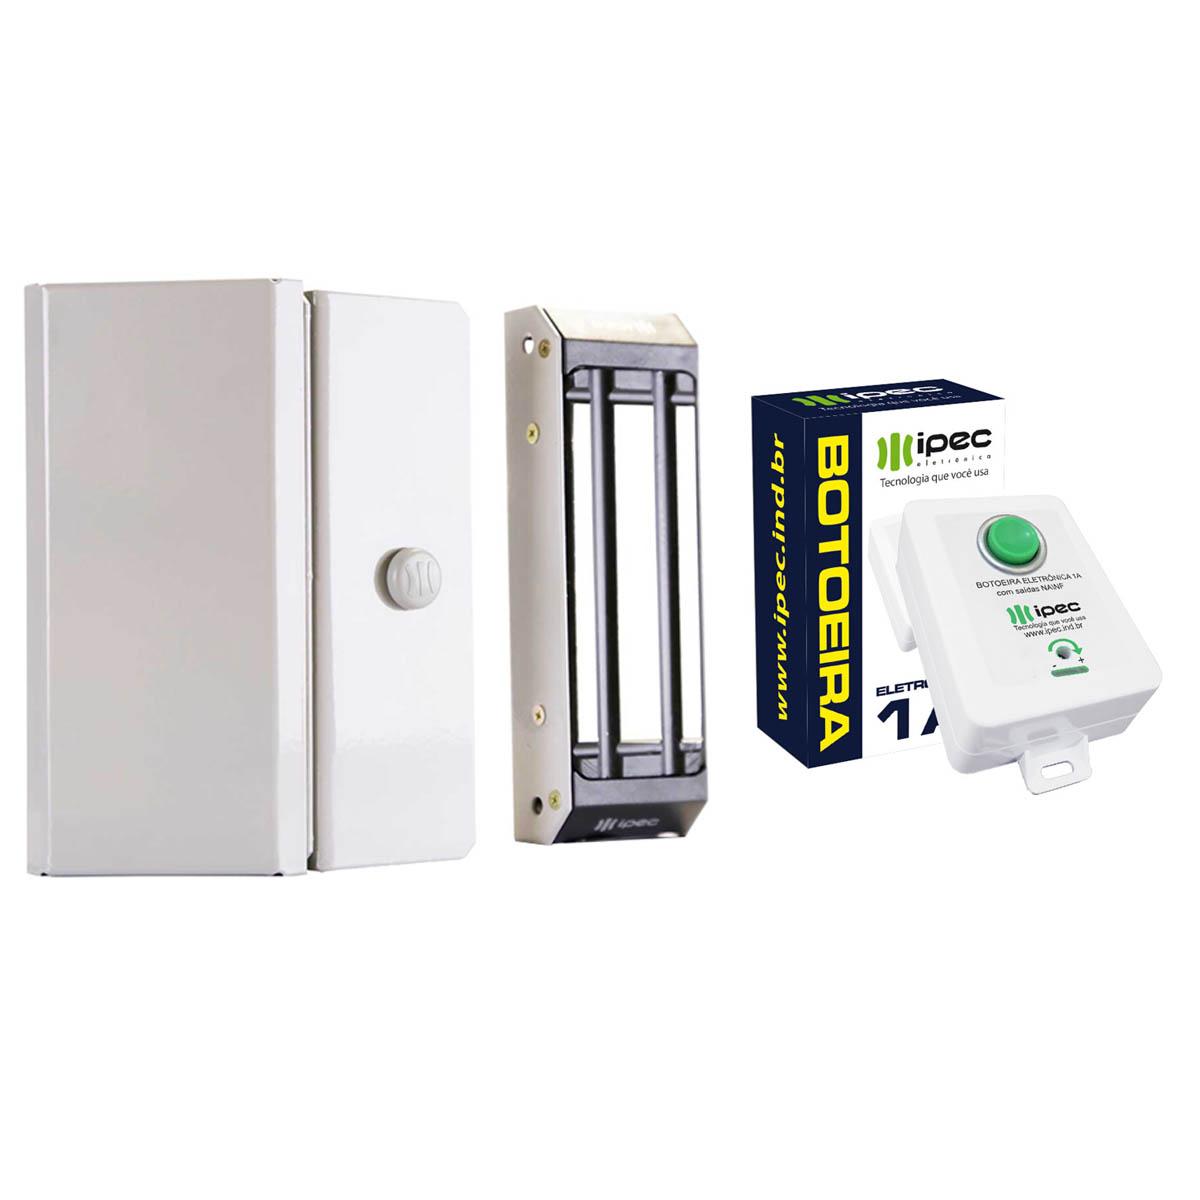 Kit Fechadura Magnética para Porta Comum com Botoeira Eletrônica